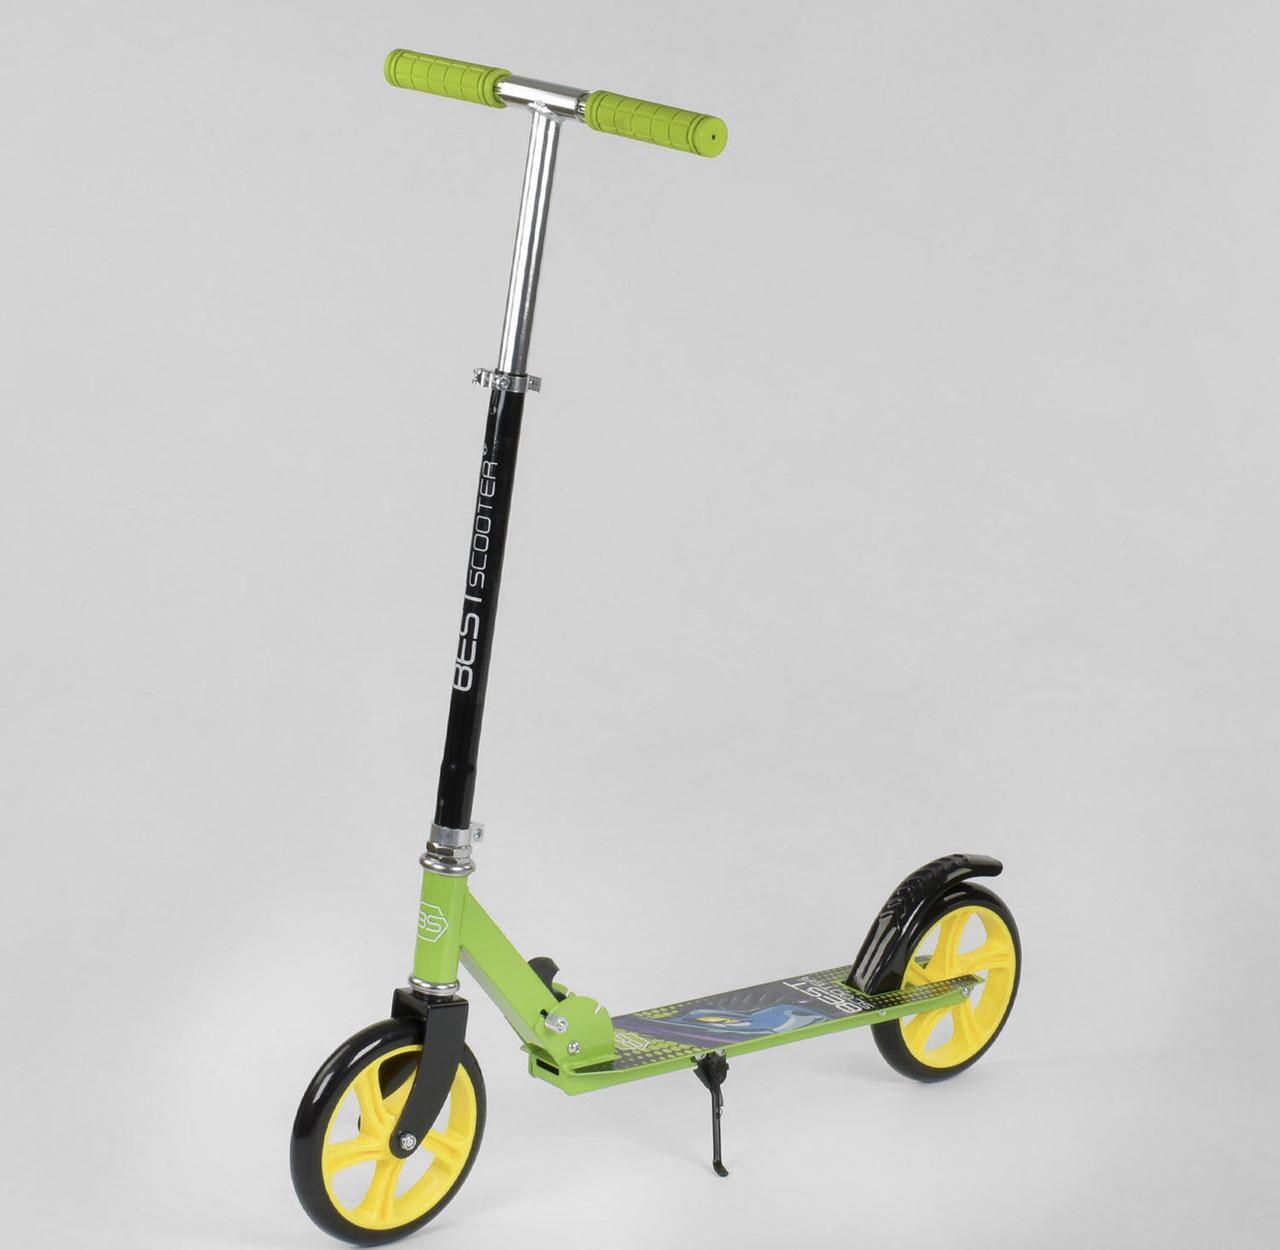 Самокат двухколесный 53396  Салатовый колеса PU d=20см грипсы резиновые длина доски 52см ширина деки